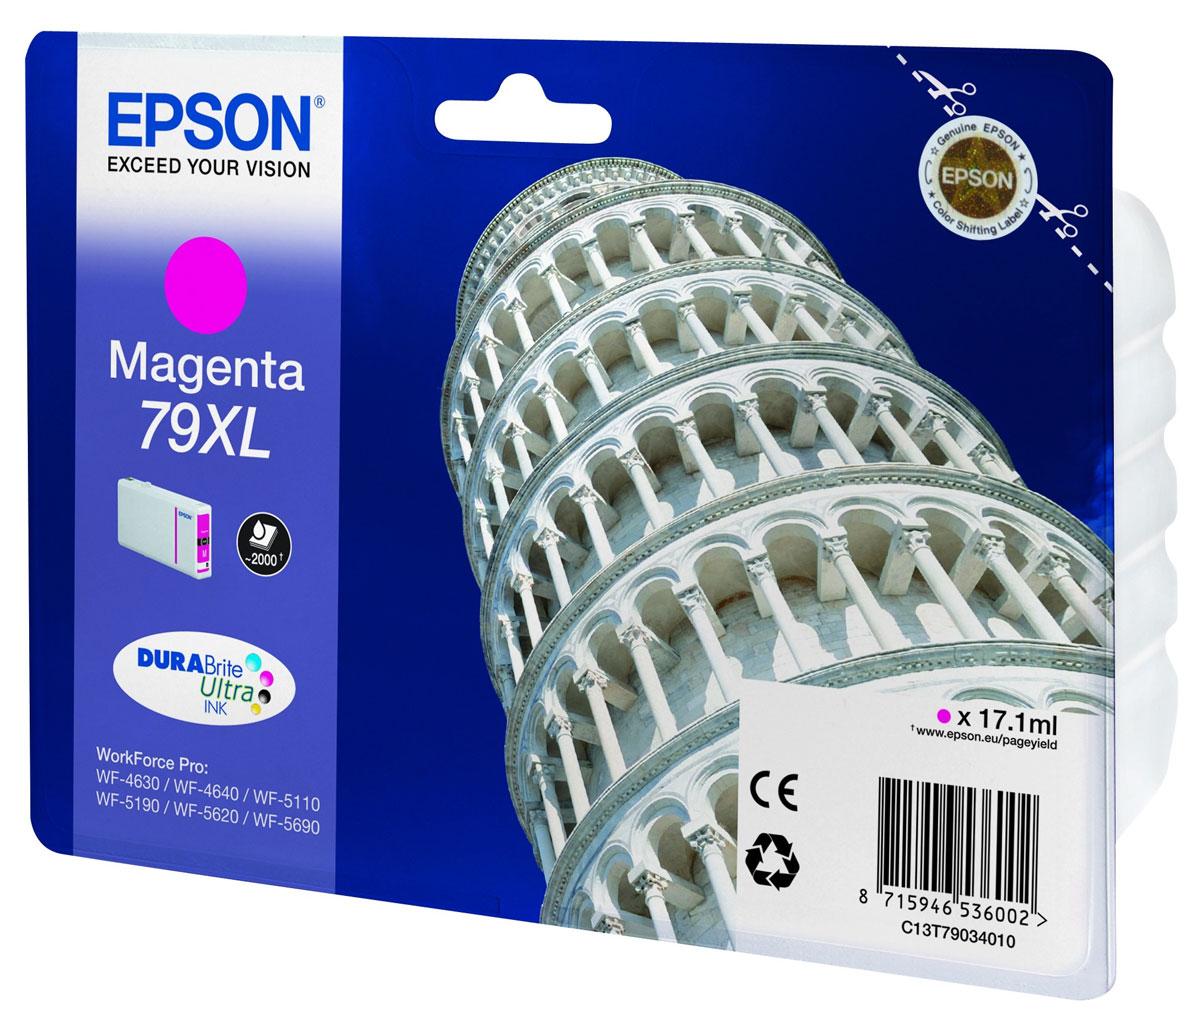 Epson T7903 XL (C13T79034010), Magenta картридж для WorkForce Pro WF-5xxxC13T79034010Картридж повышенной емкости Epson T7903 XL с пурпурными чернилами для Epson WorkForce Pro служит для печати превосходных фотоснимков и рассчитан на 2600 страниц печати.